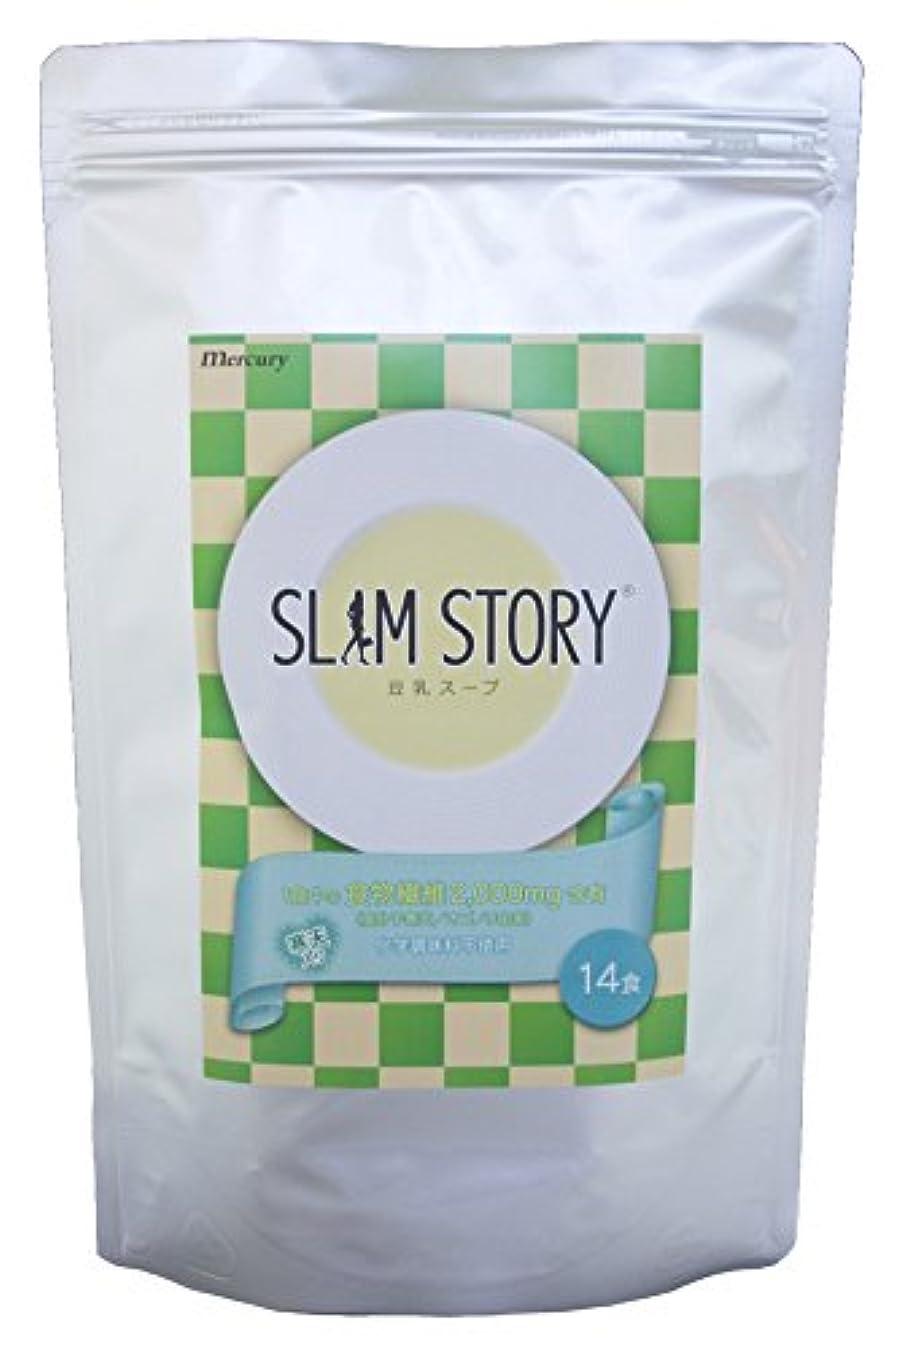 モンゴメリークリーム削除するマーキュリー SLIM STORY 豆乳スープ 14食/化学調味料 不使用